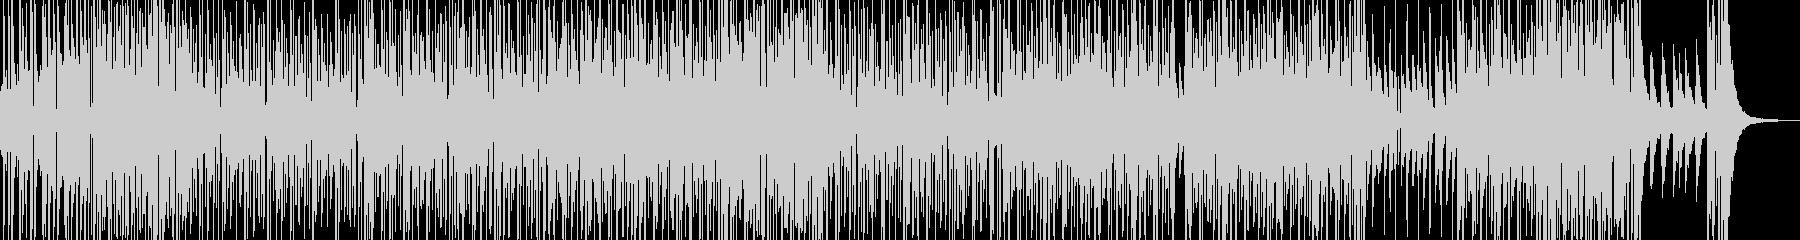 ご機嫌 ファンキーな映像に合うジャズ Aの未再生の波形